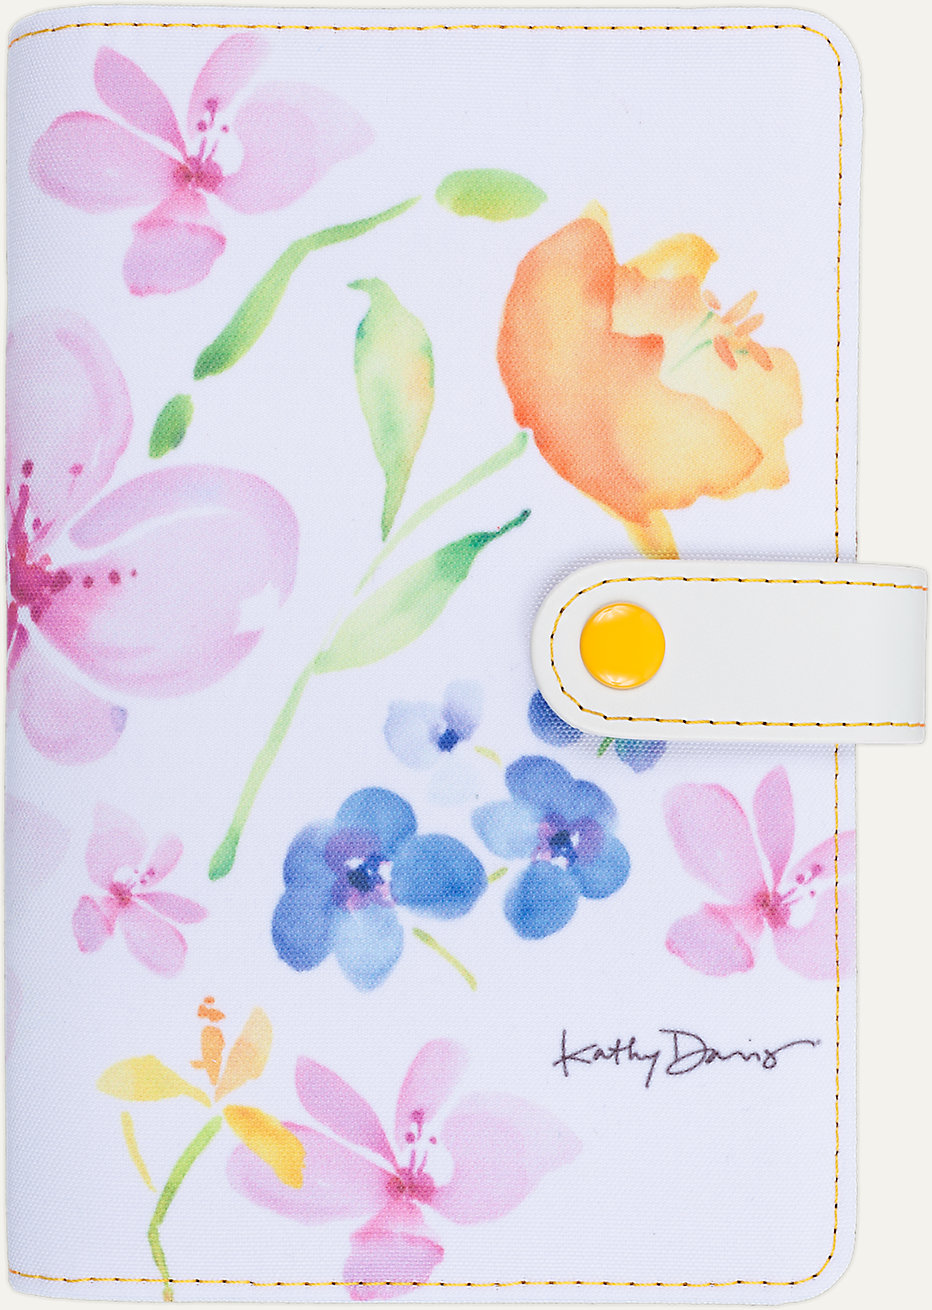 Kathy Davis 2-Page-Per-Week Planner Set Portable Size ( # KD106)